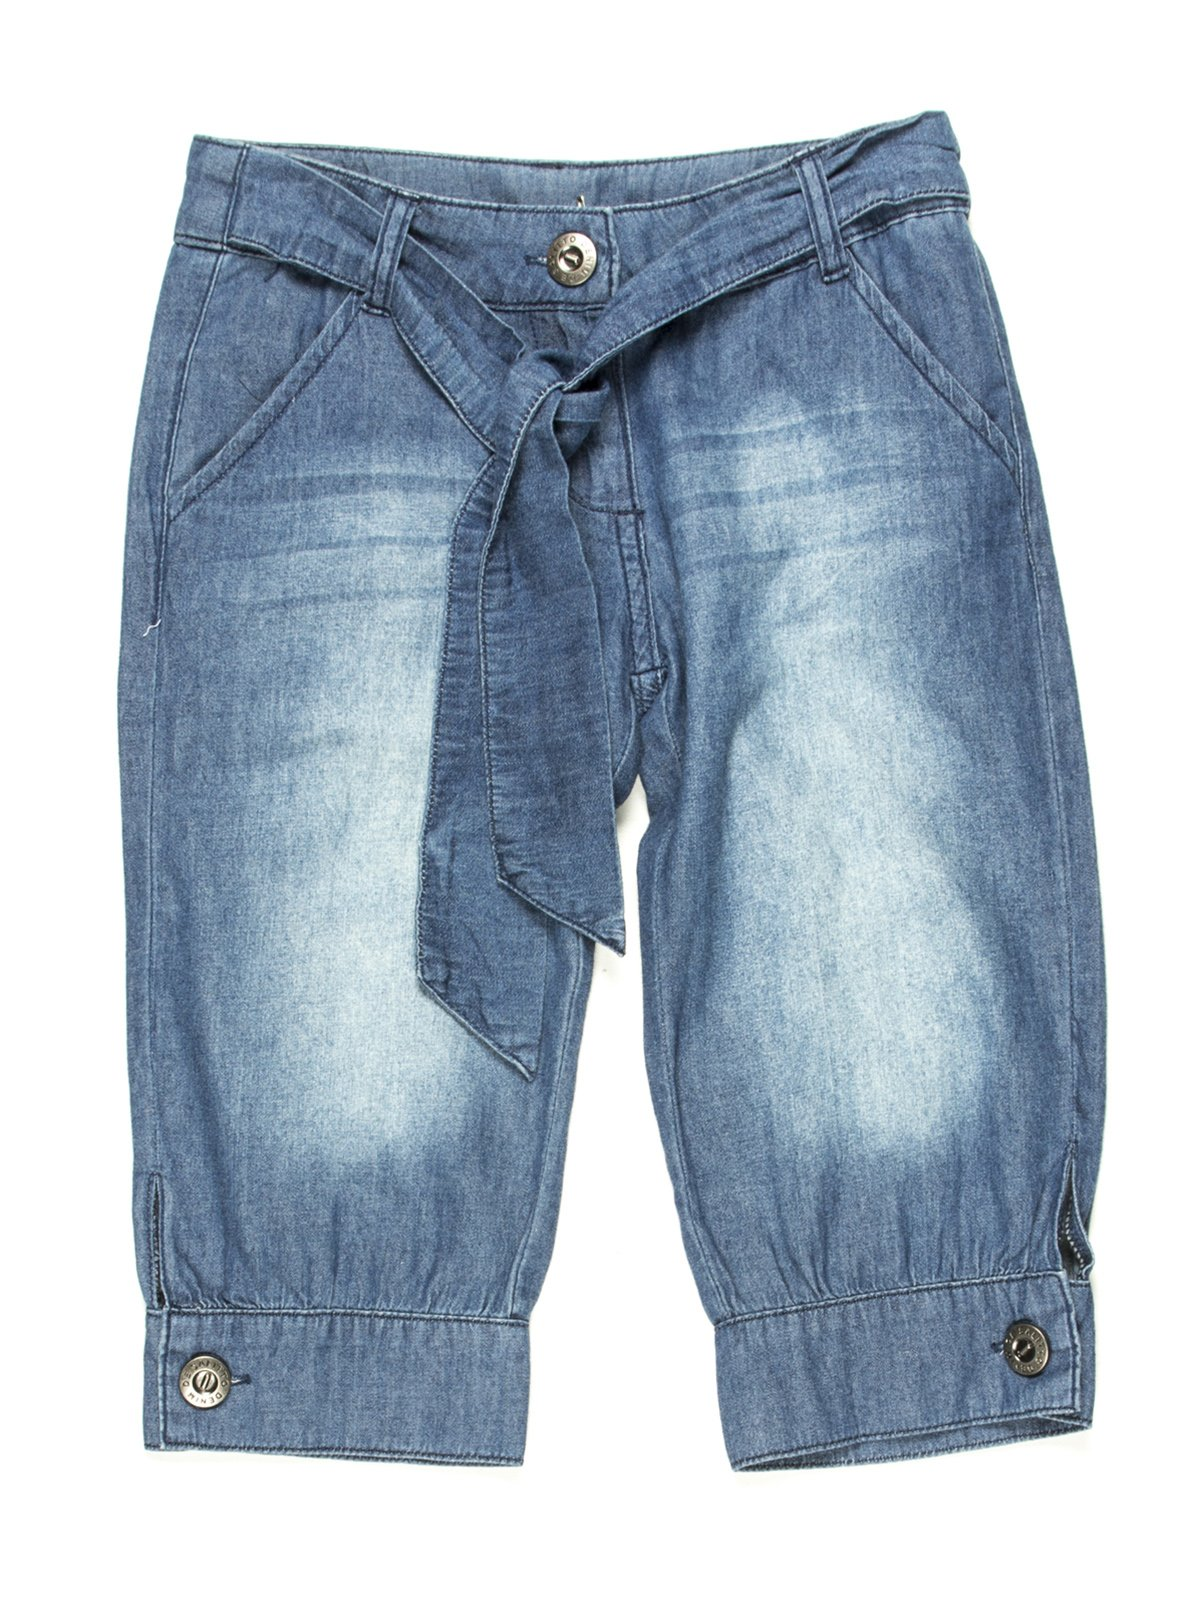 Капрі сині джинсові   597284